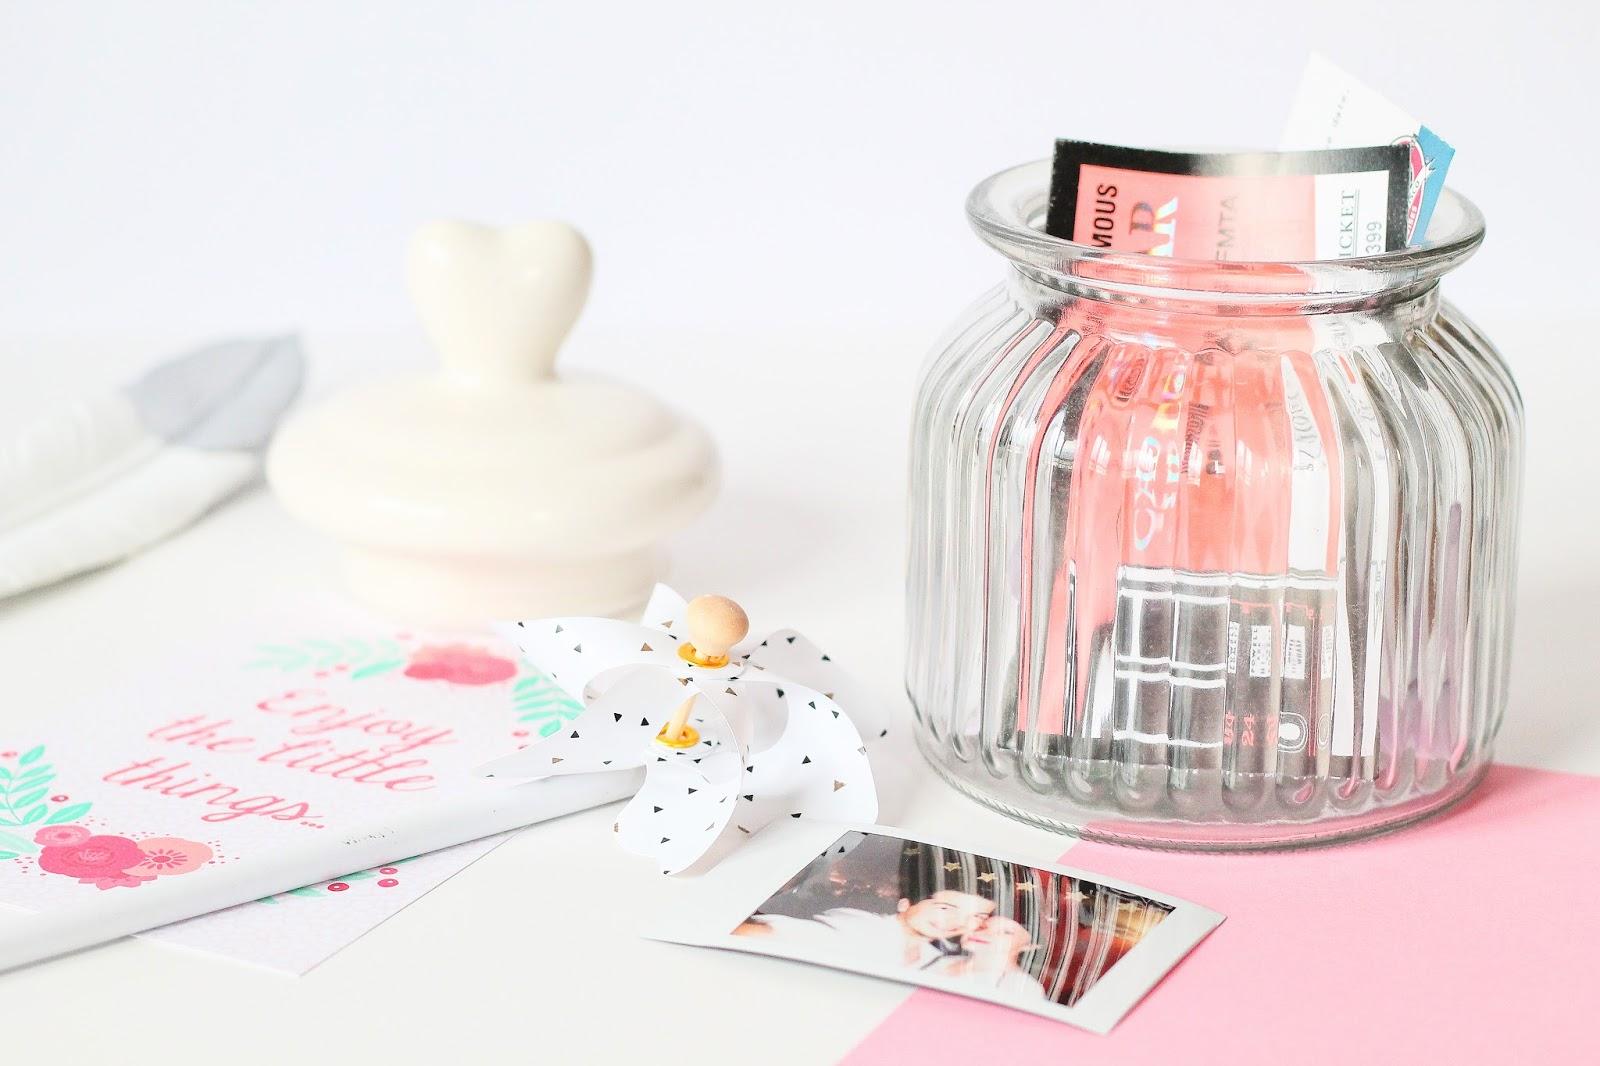 les gommettes de melo diy do it yourself jar bonheurs memory souvenirs créer comment faire étapes bocal 2017